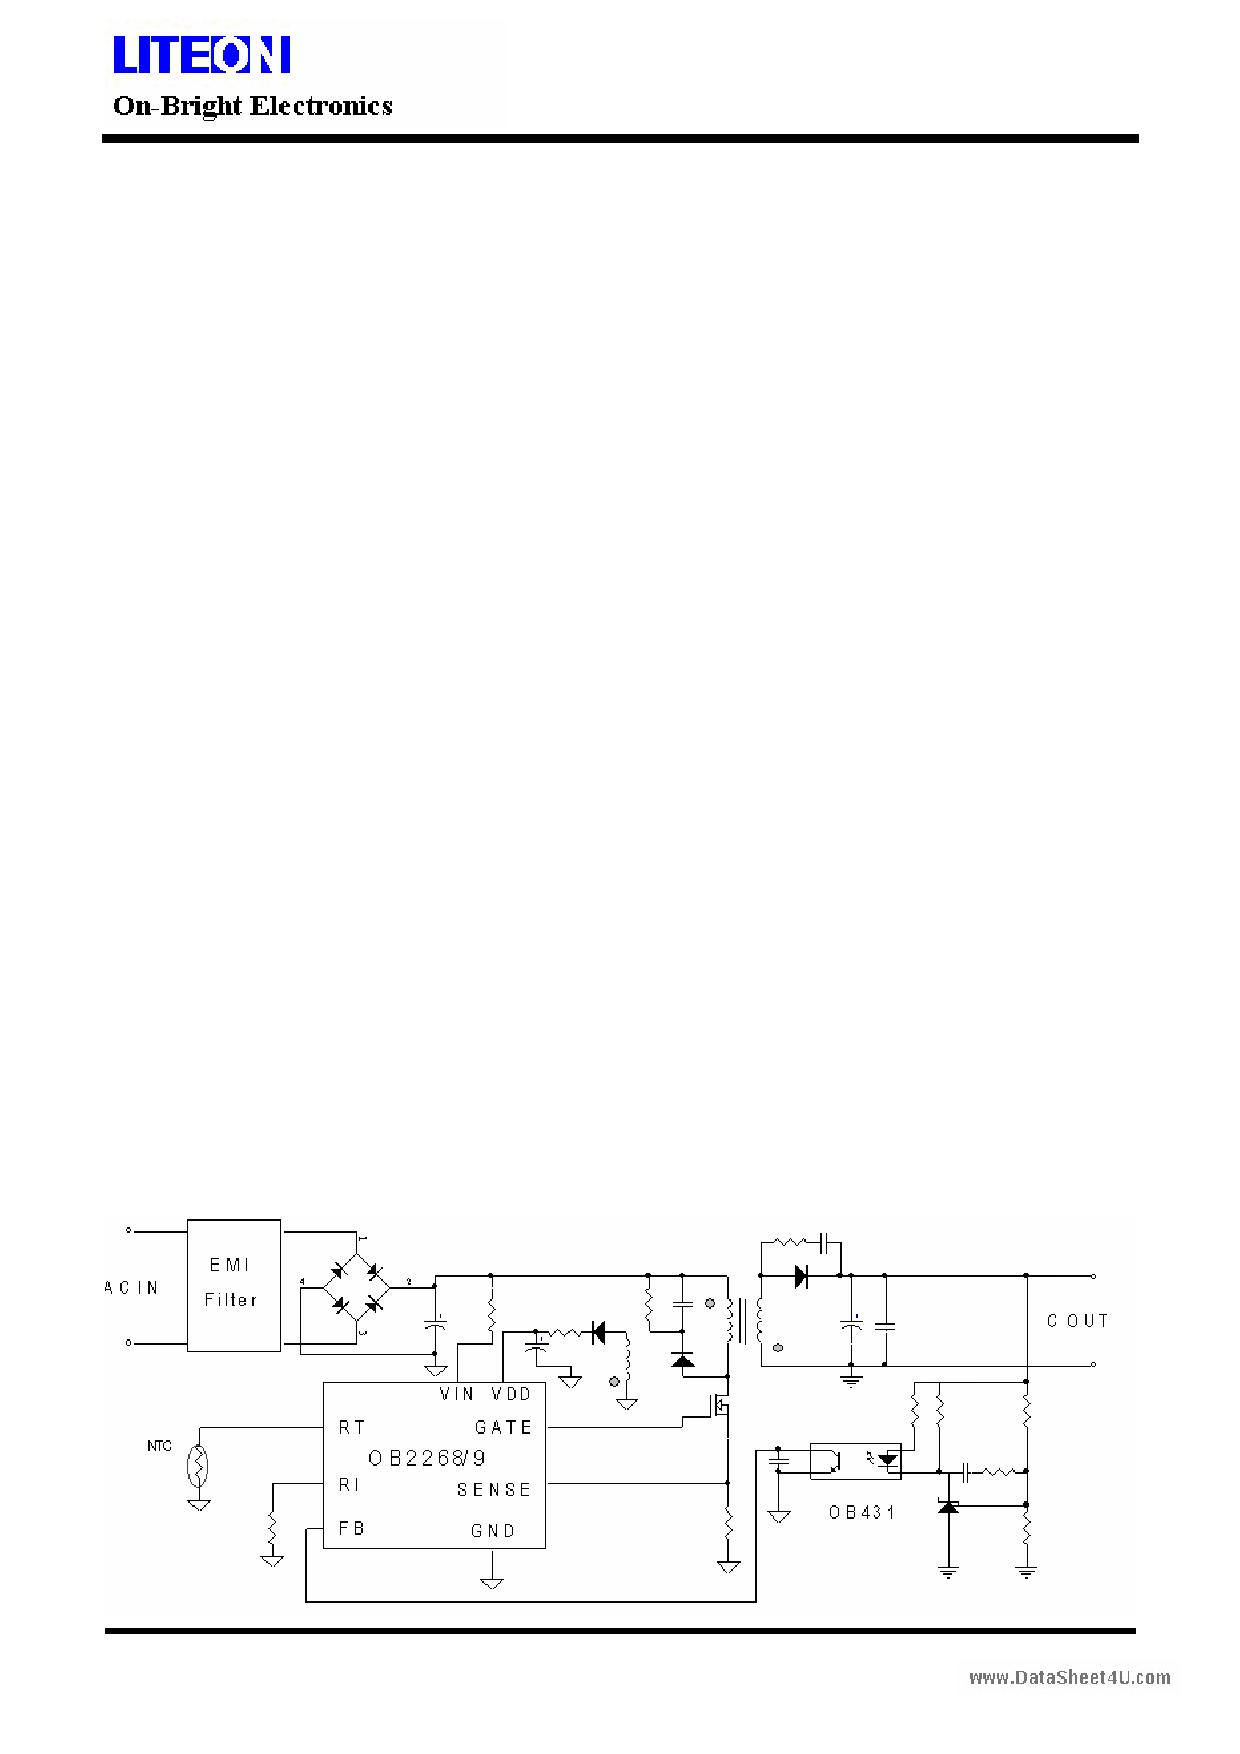 OB2269 datasheet